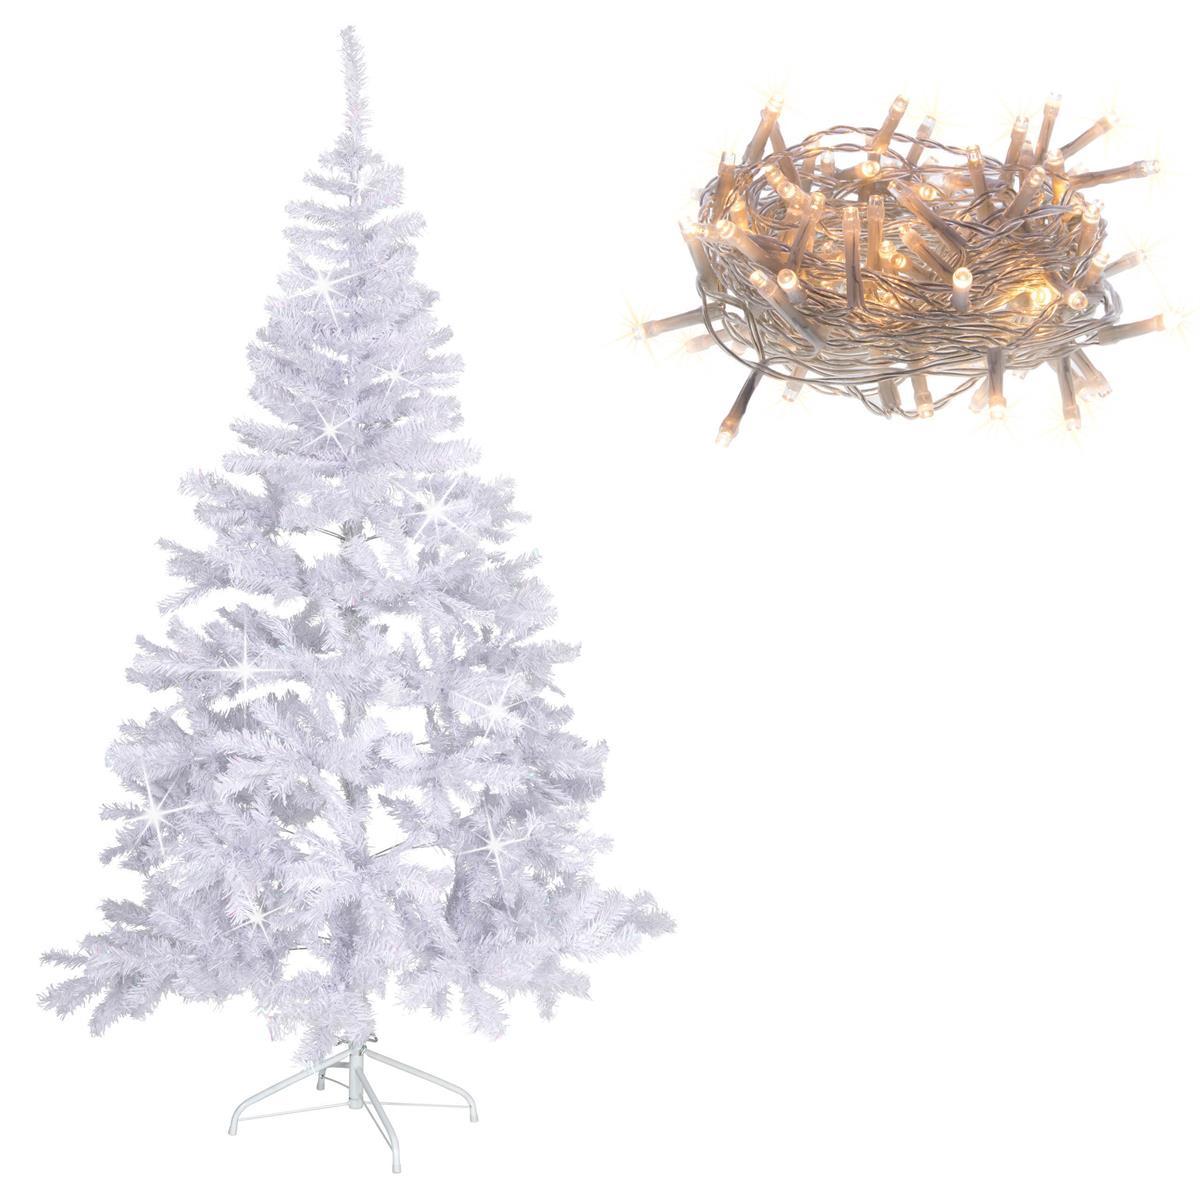 Weihnachtsbaum weiß mit Glitzereffekt 180 cm Christbaum + 200 LED Lichterkette